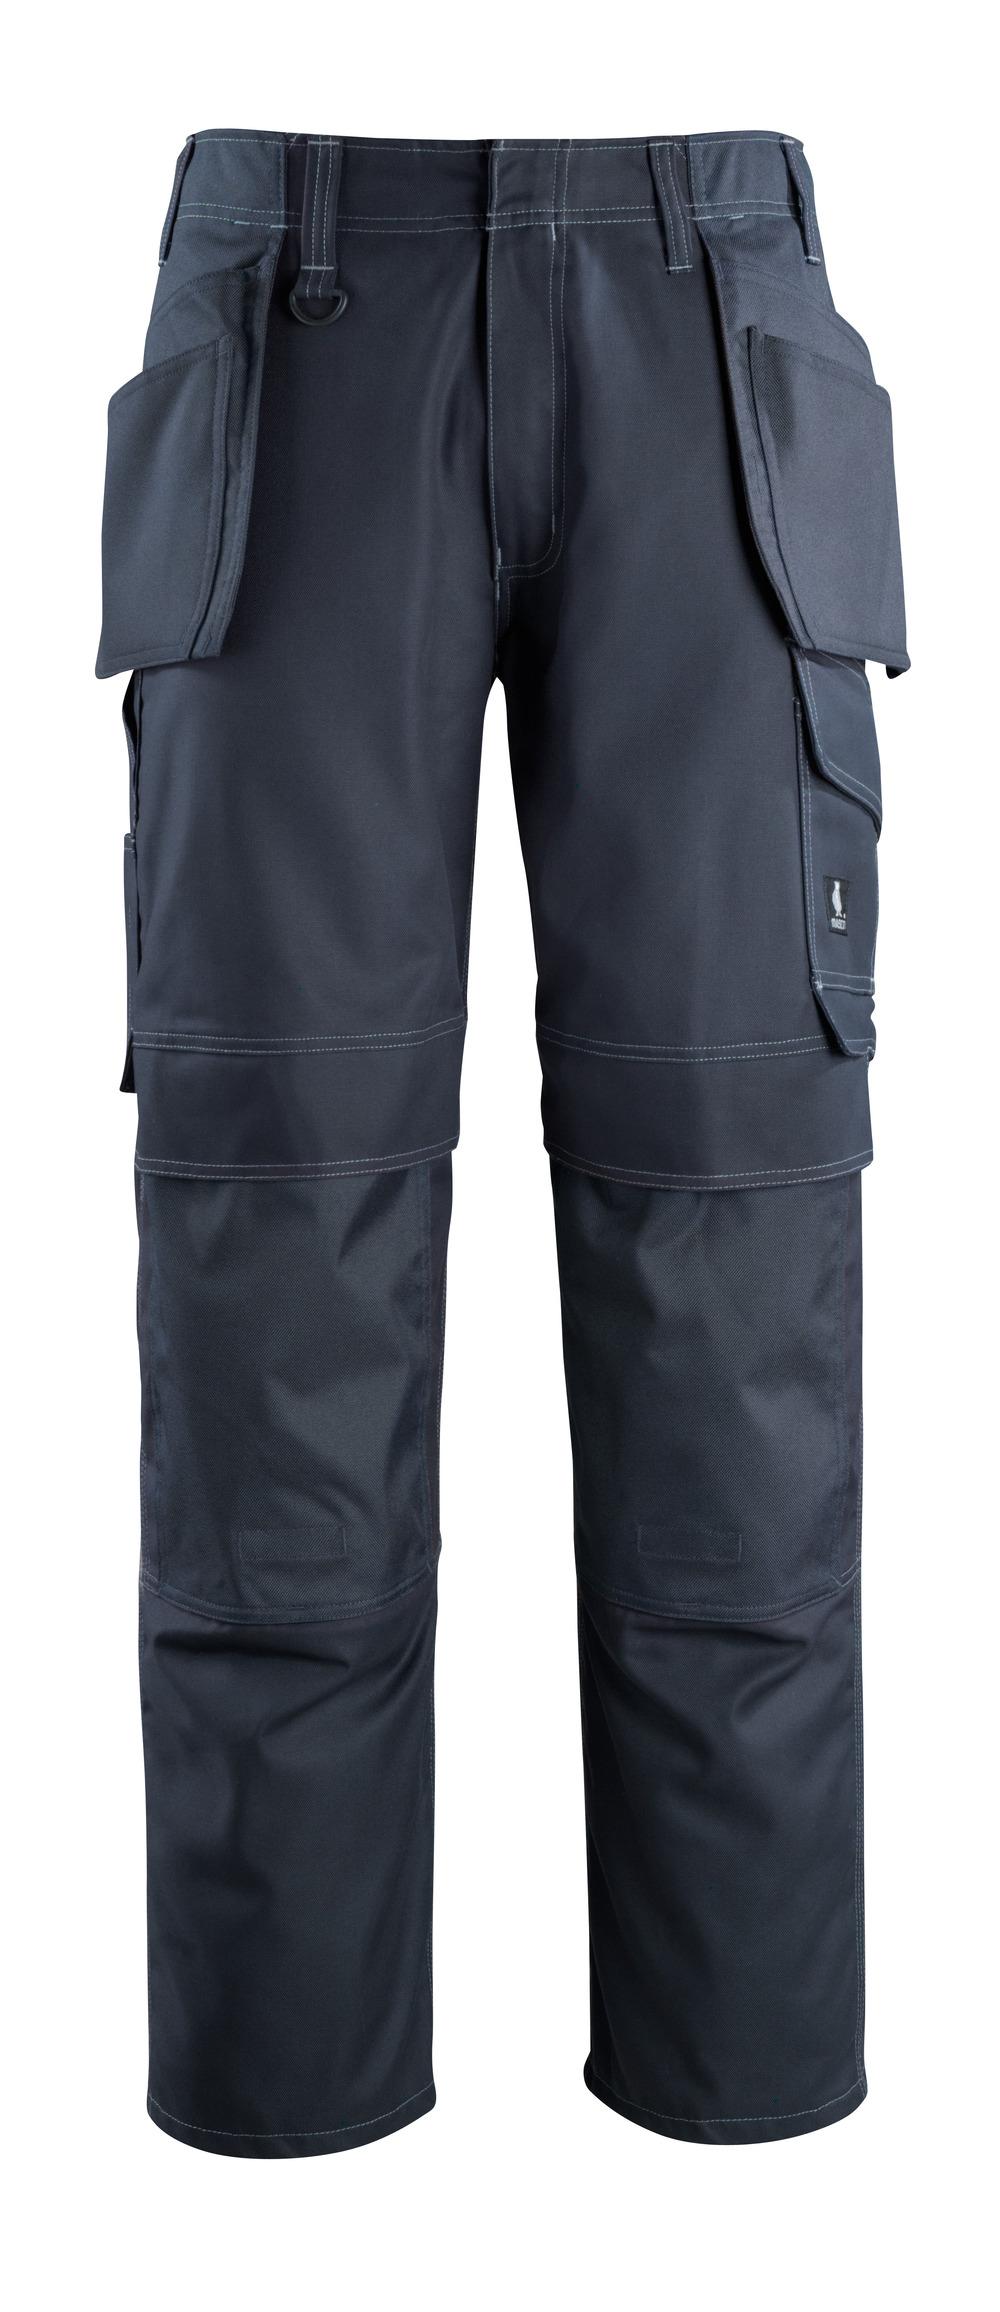 10131-154-010 Byxor med knä- och hängfickor - mörk marin